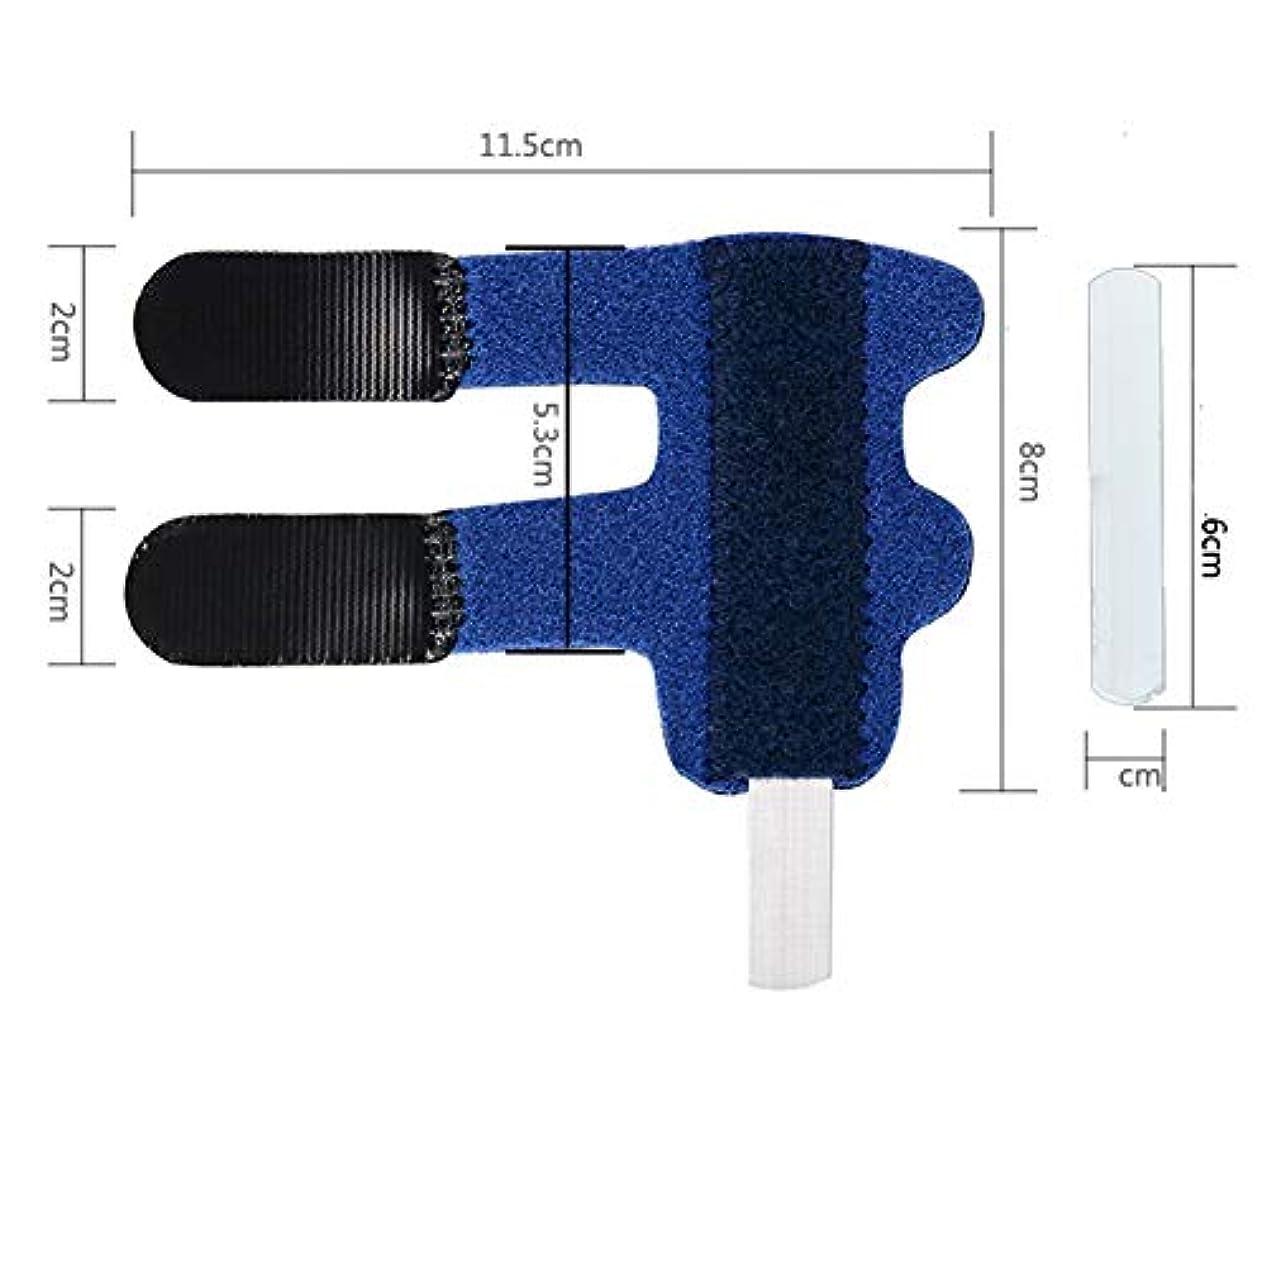 平らにするウッズ遠近法ばね指スプリント、指の剛性、変形性関節症、捻挫ナックルズの痛みを軽減するための拡張矯正関節炎マレット指ナックルブレースのための調節可能なアルミニウム支持体,ブルー